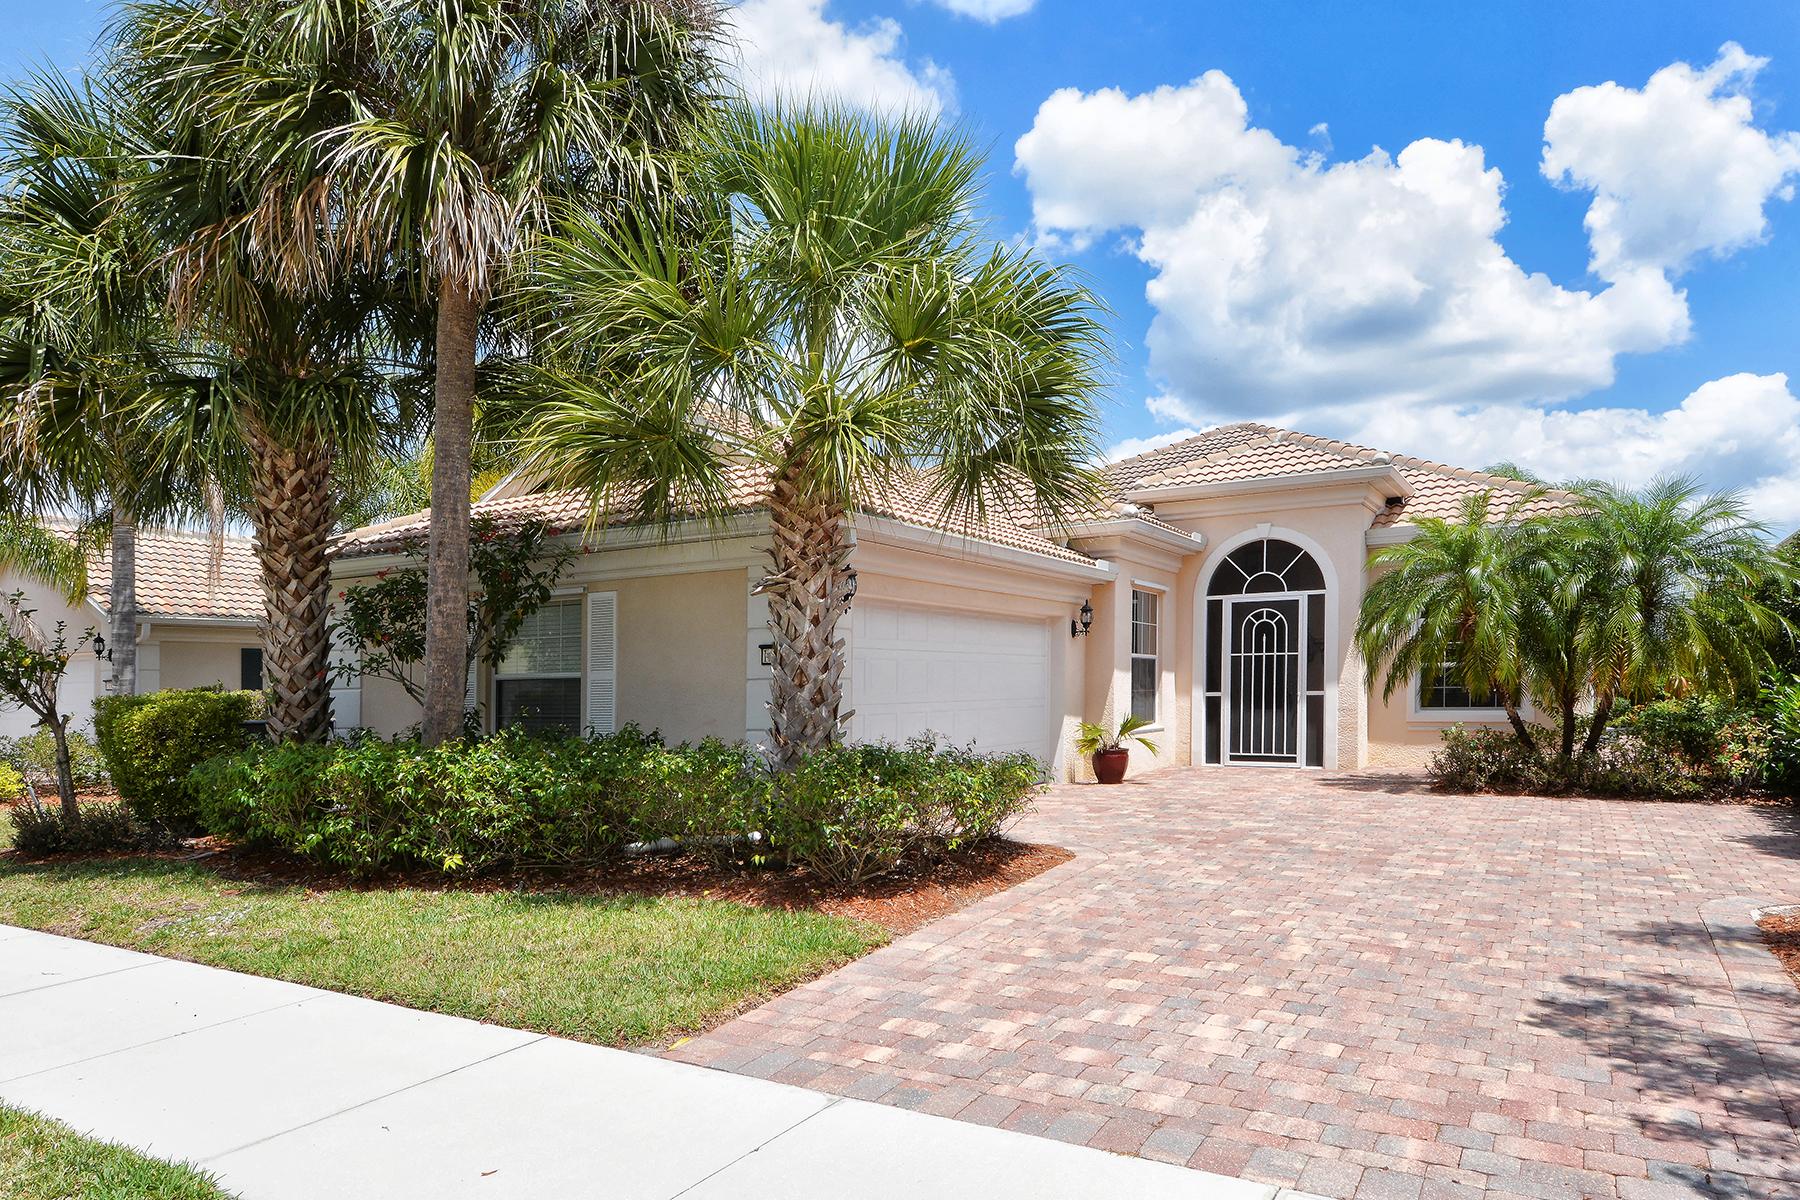 Einfamilienhaus für Verkauf beim ISLANDWALK 13290 Ipolita St Venice, Florida, 34293 Vereinigte Staaten